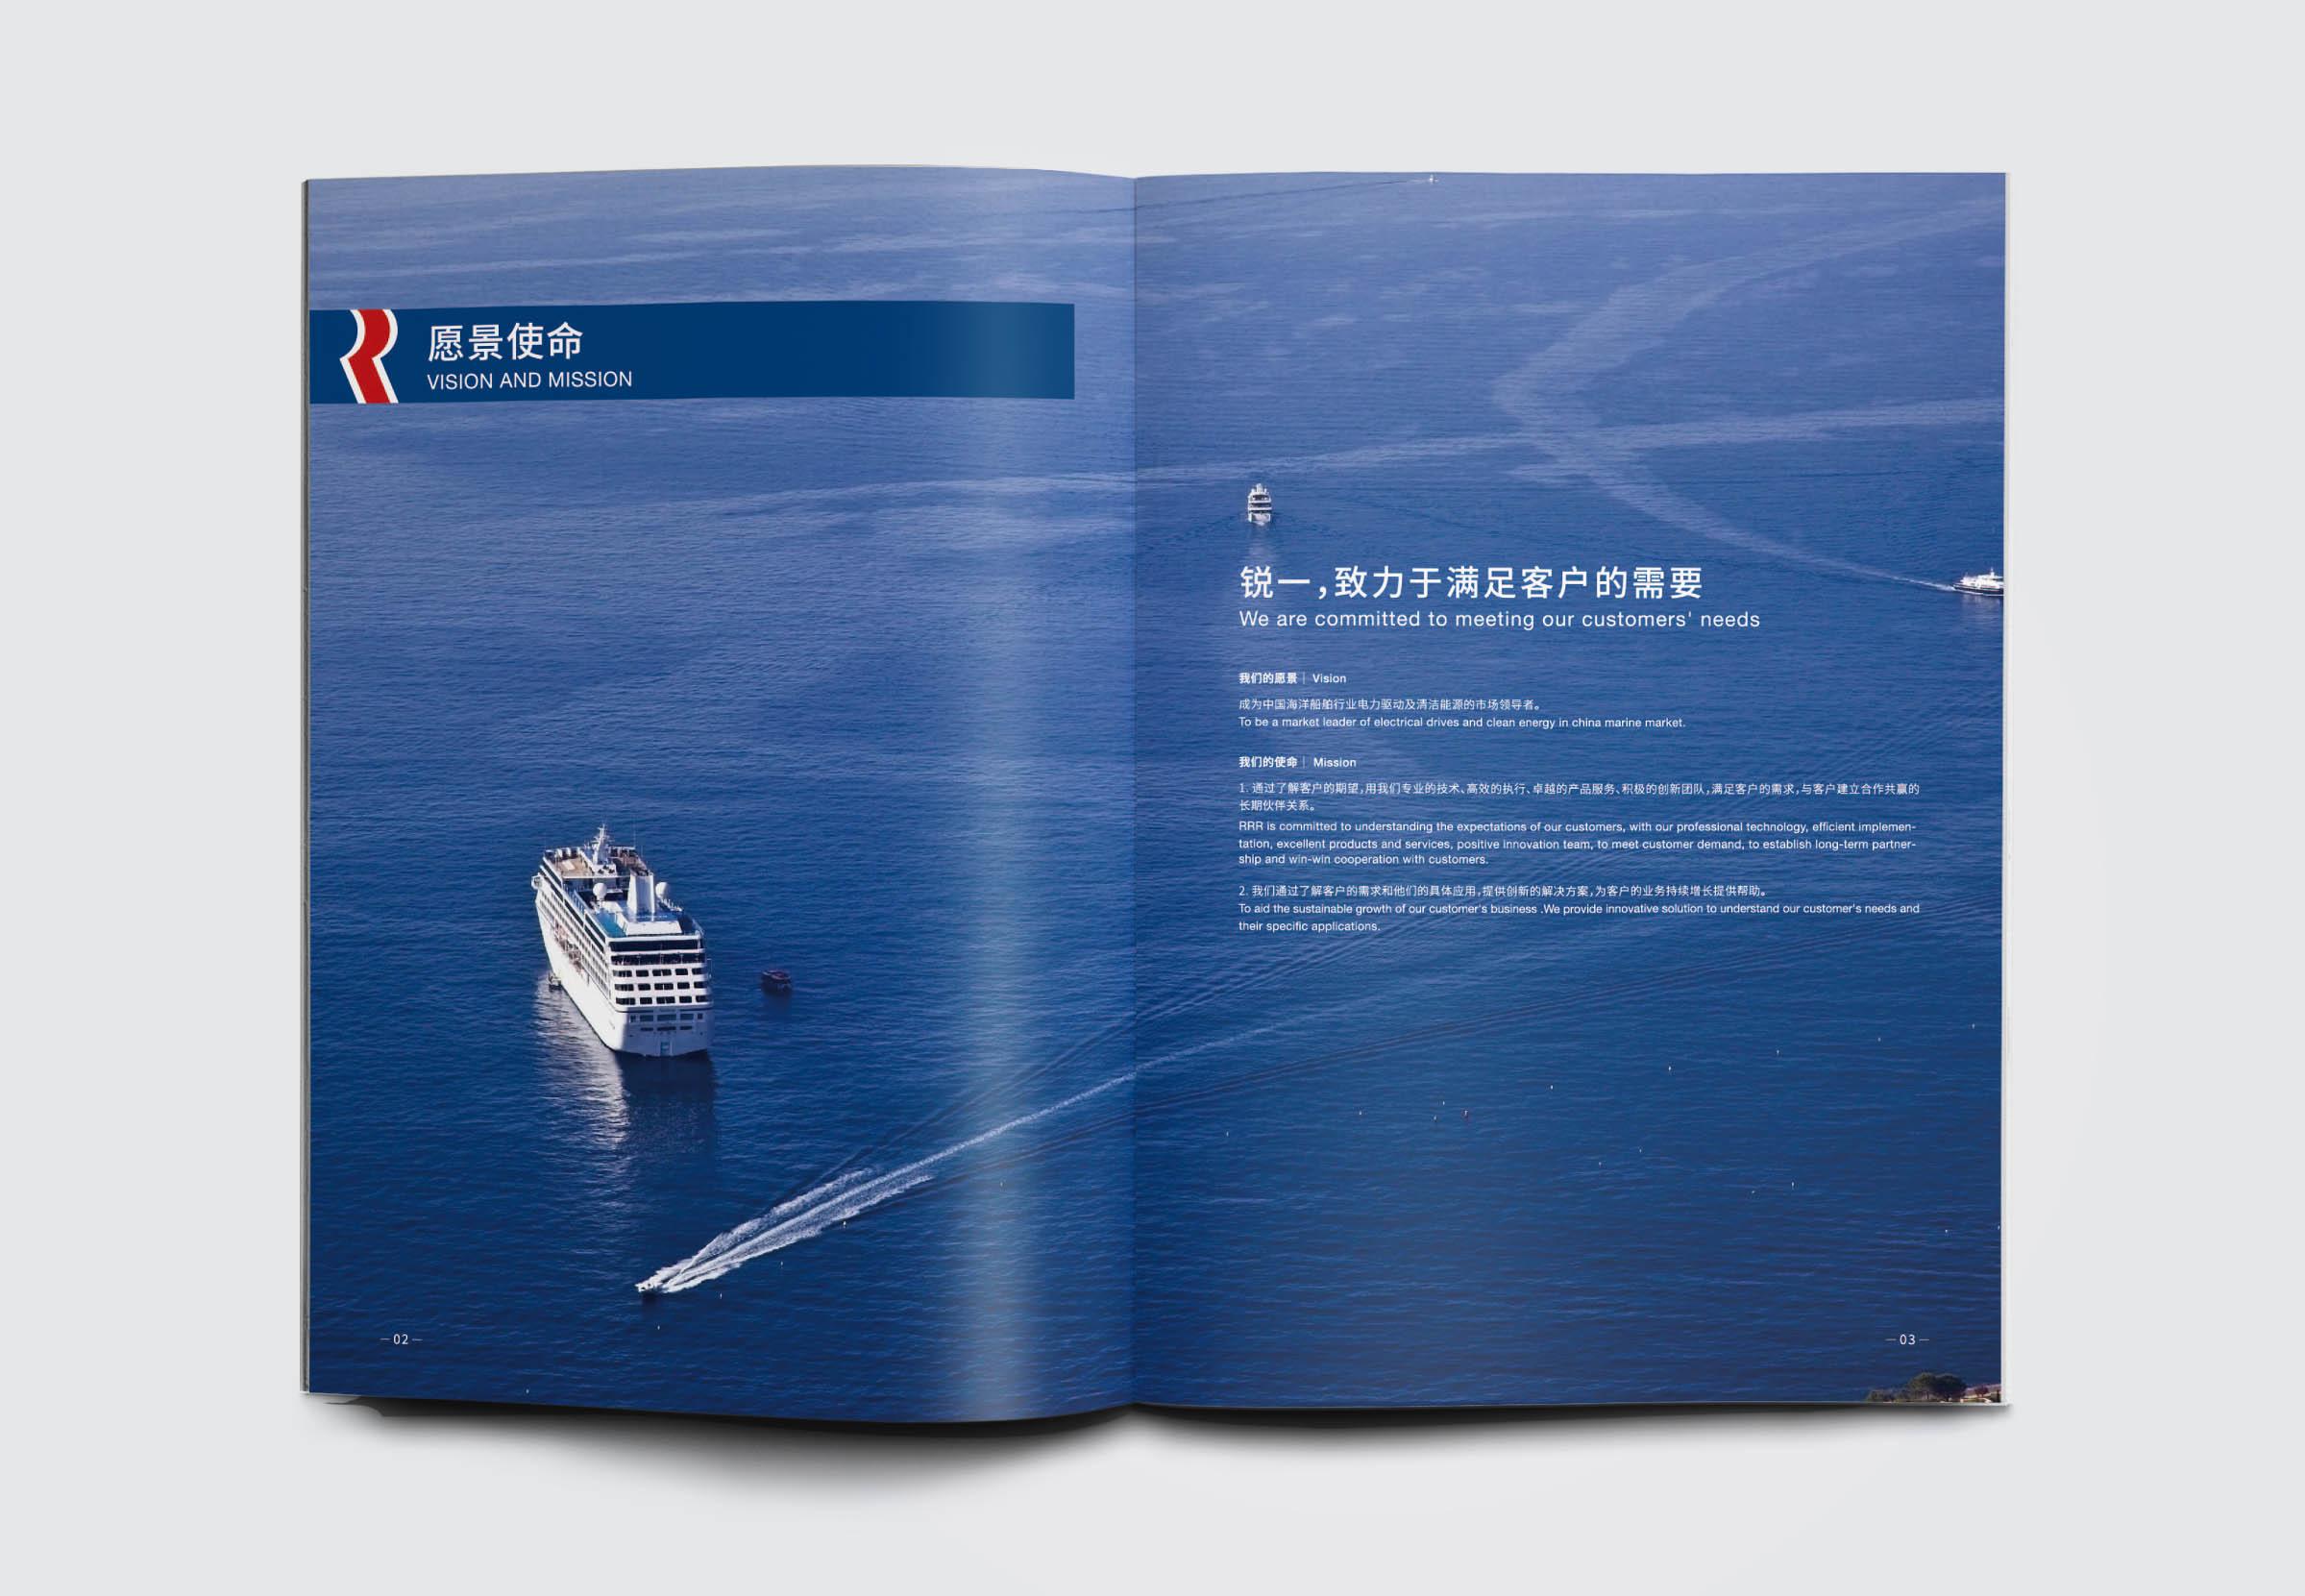 锐一机电公司宣传画册设计,对比色与R识别风公司画册设计